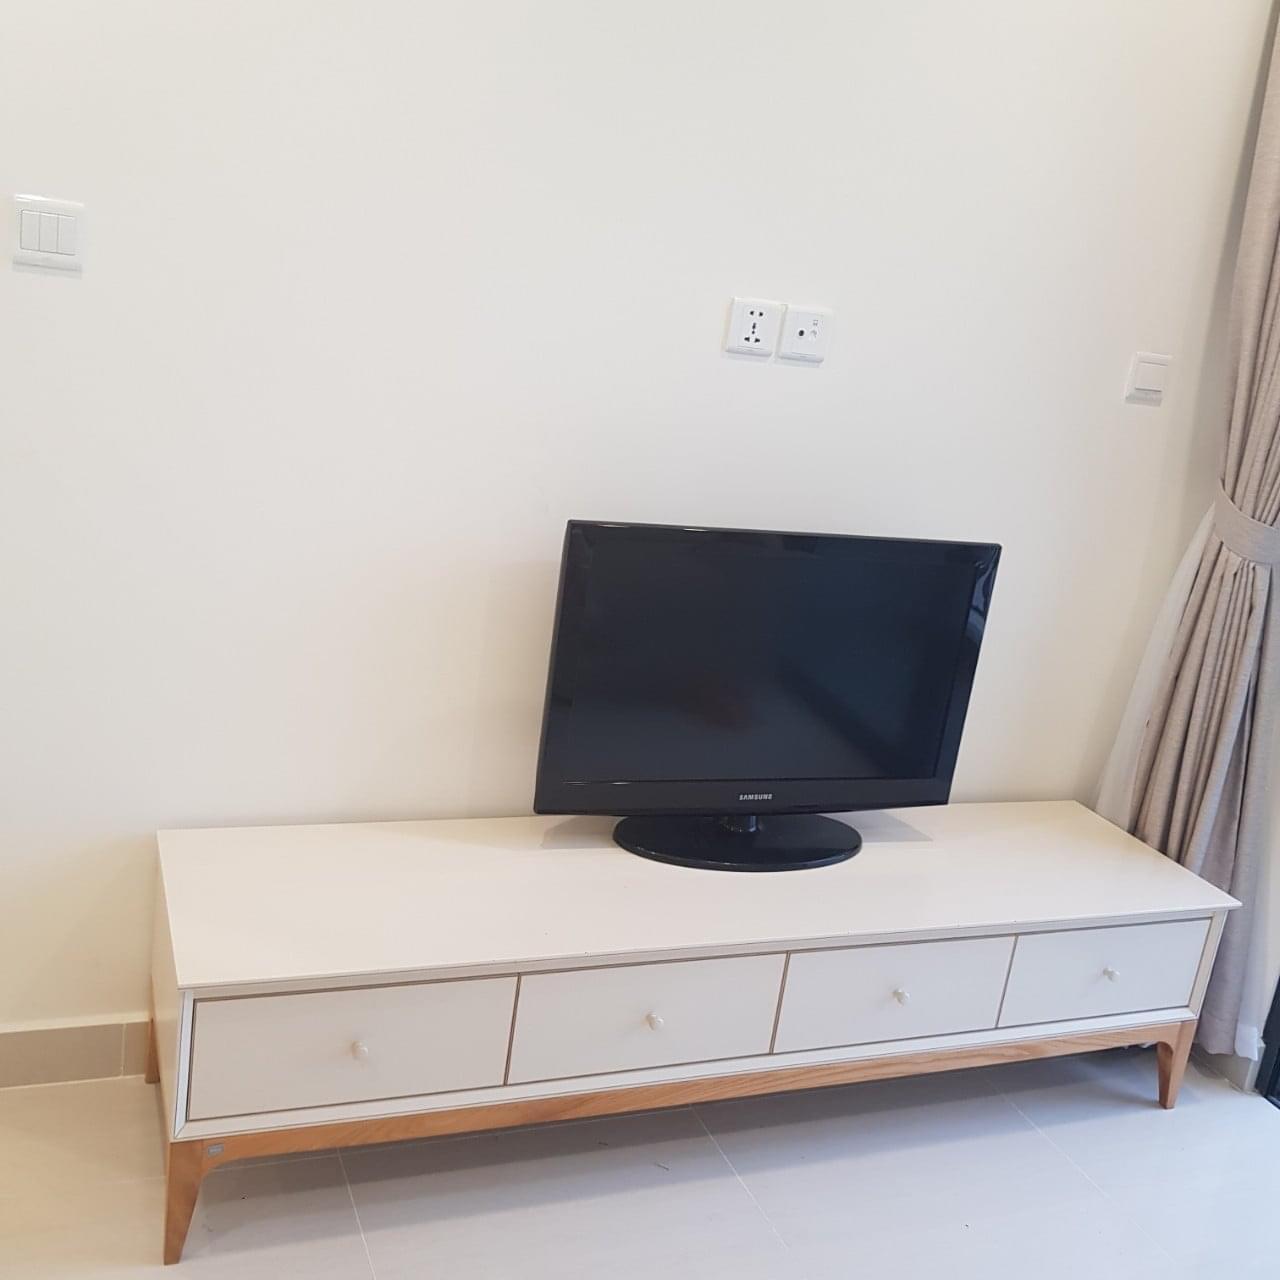 Căn hộ 3 phòng ngủ nội thất đầy đủ tầng 8 toà S3.02 giá 10tr/tháng 7